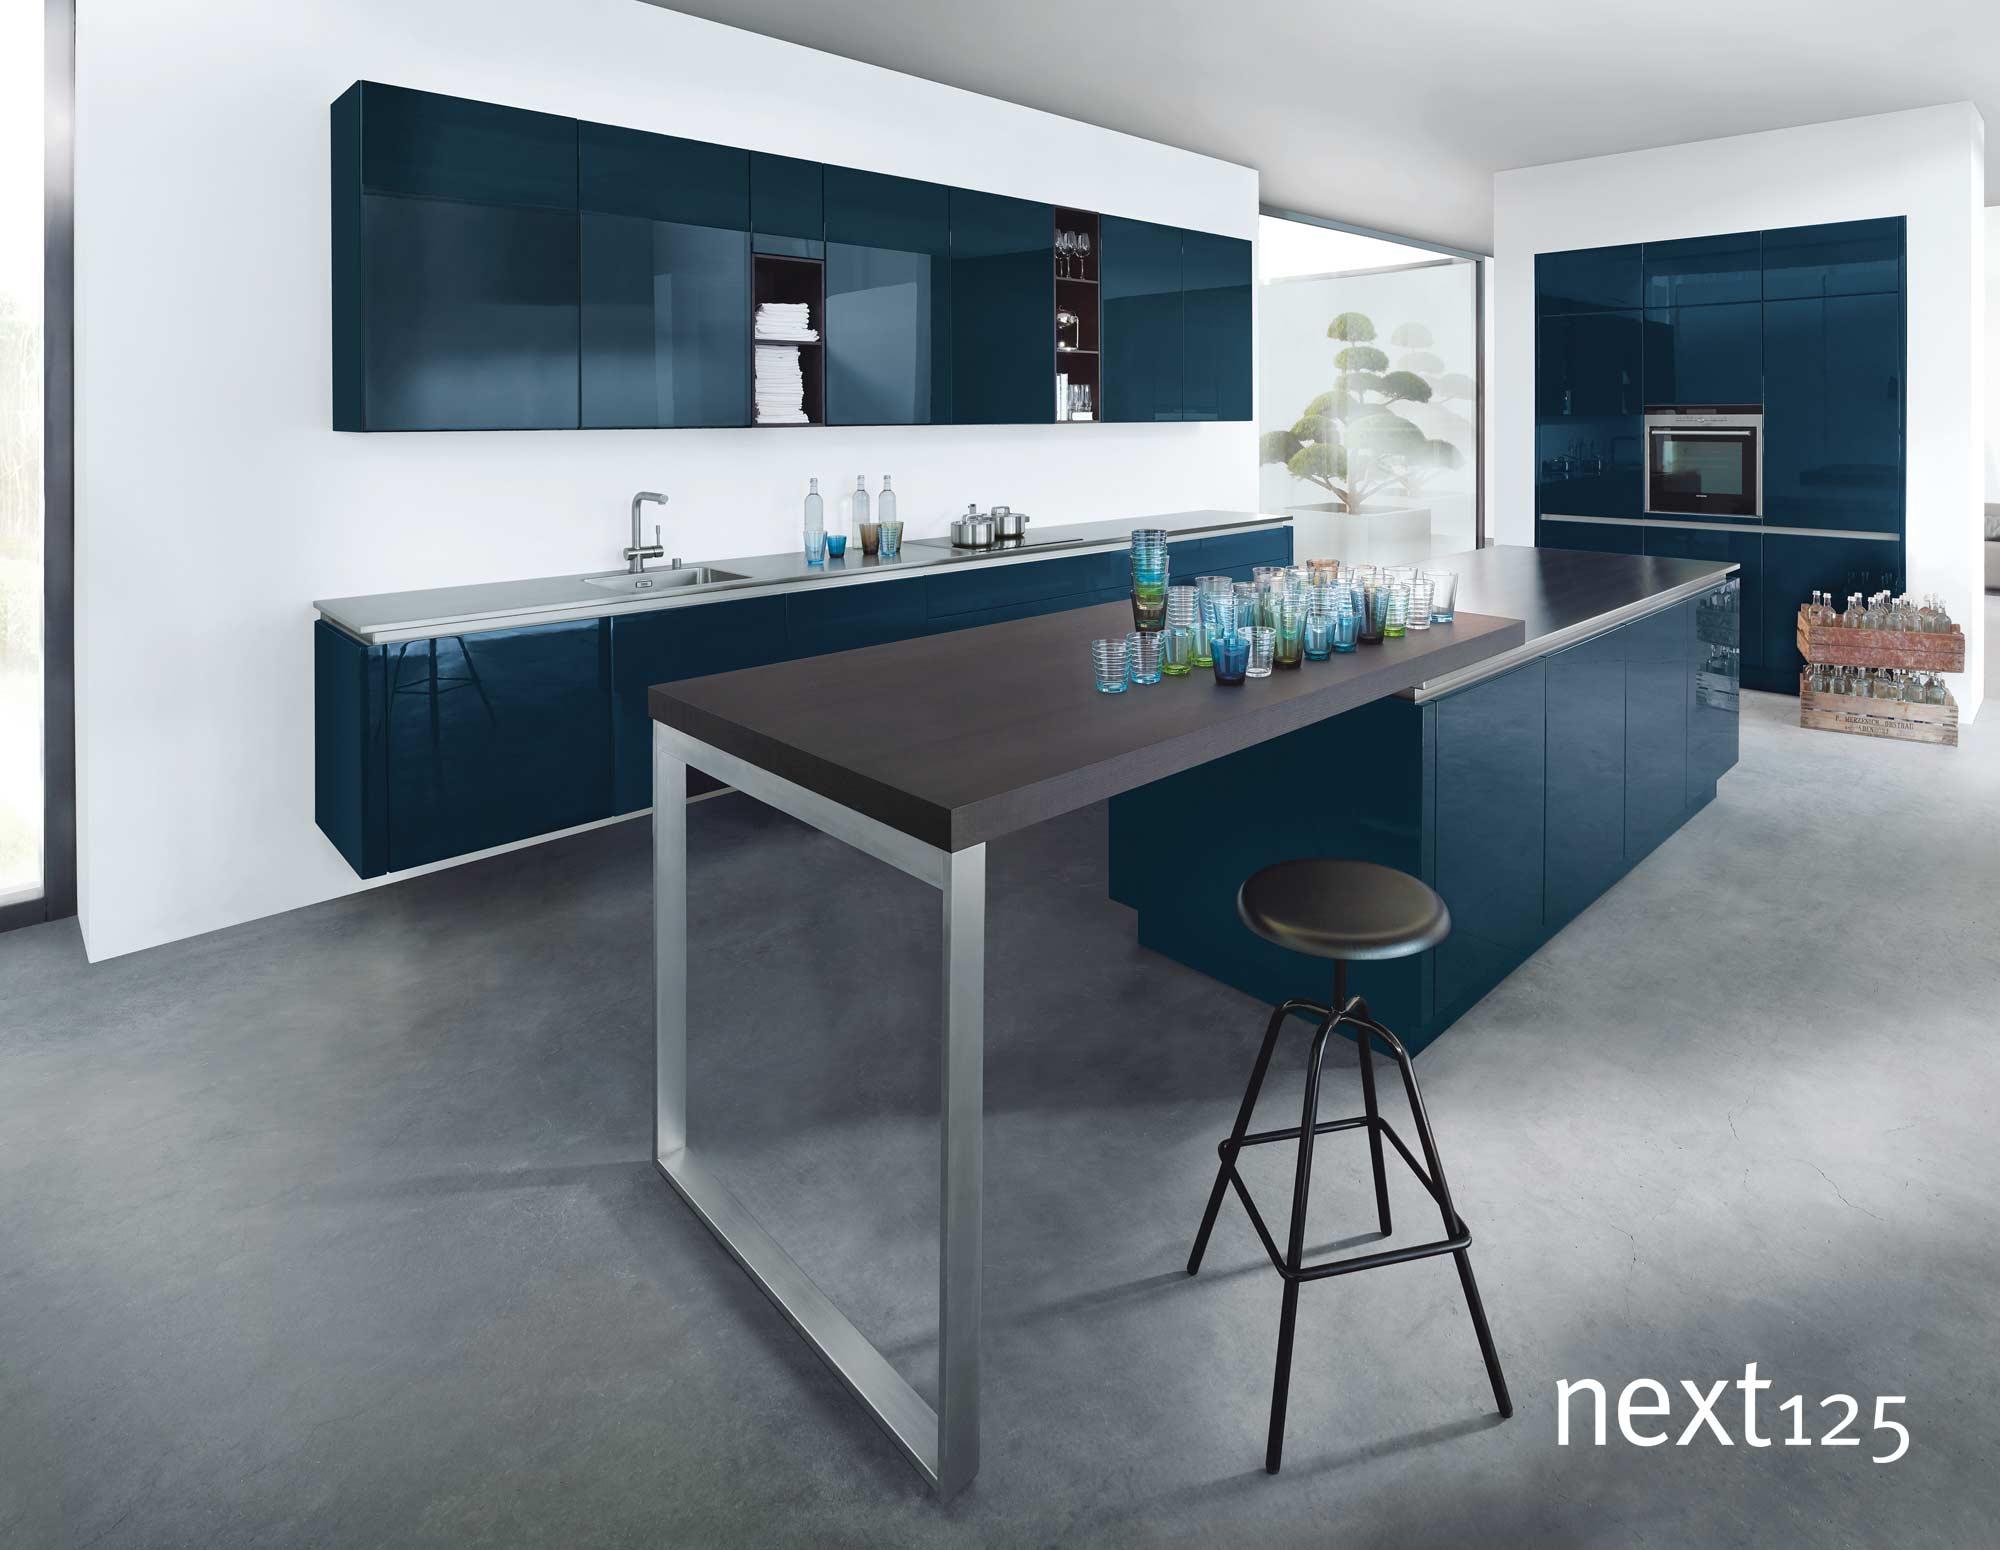 next125 Küche Hochglanz-Front nx501 in blau